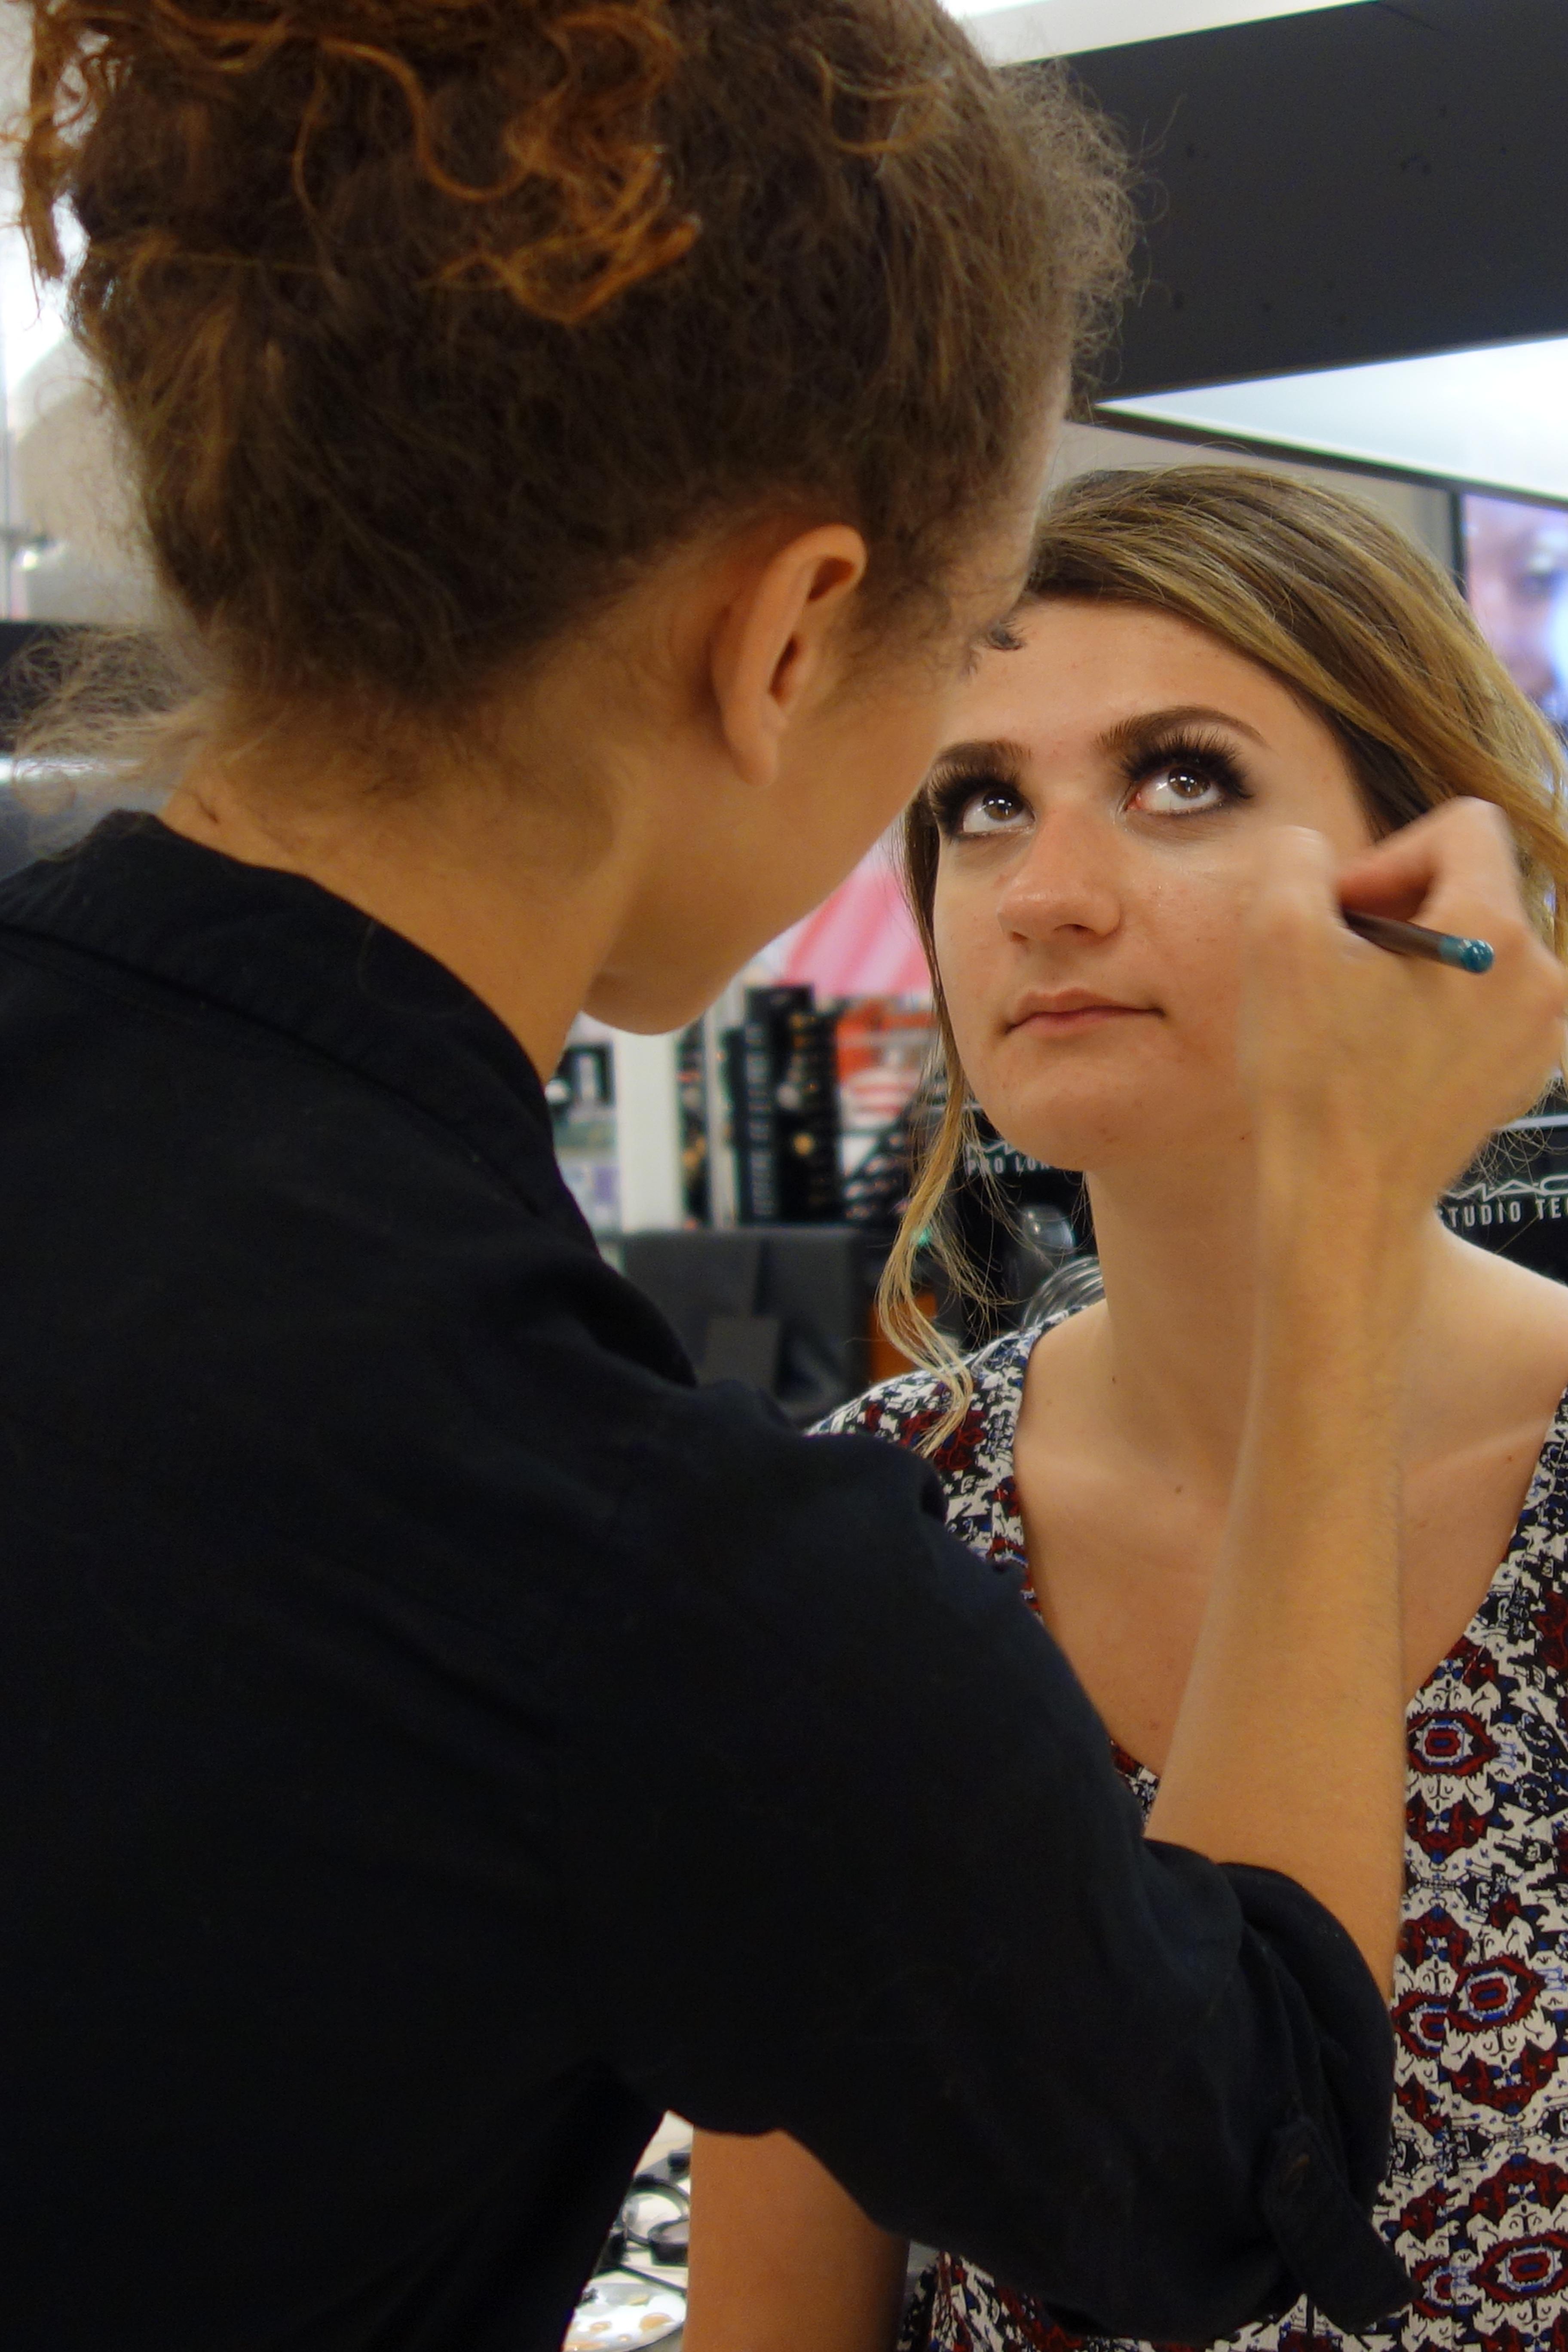 e90ac0cb77c34 pessoa cabelo modelo moda Penteado processo Maquiagem Canadá beleza ensino  Grad interação sessão de fotos